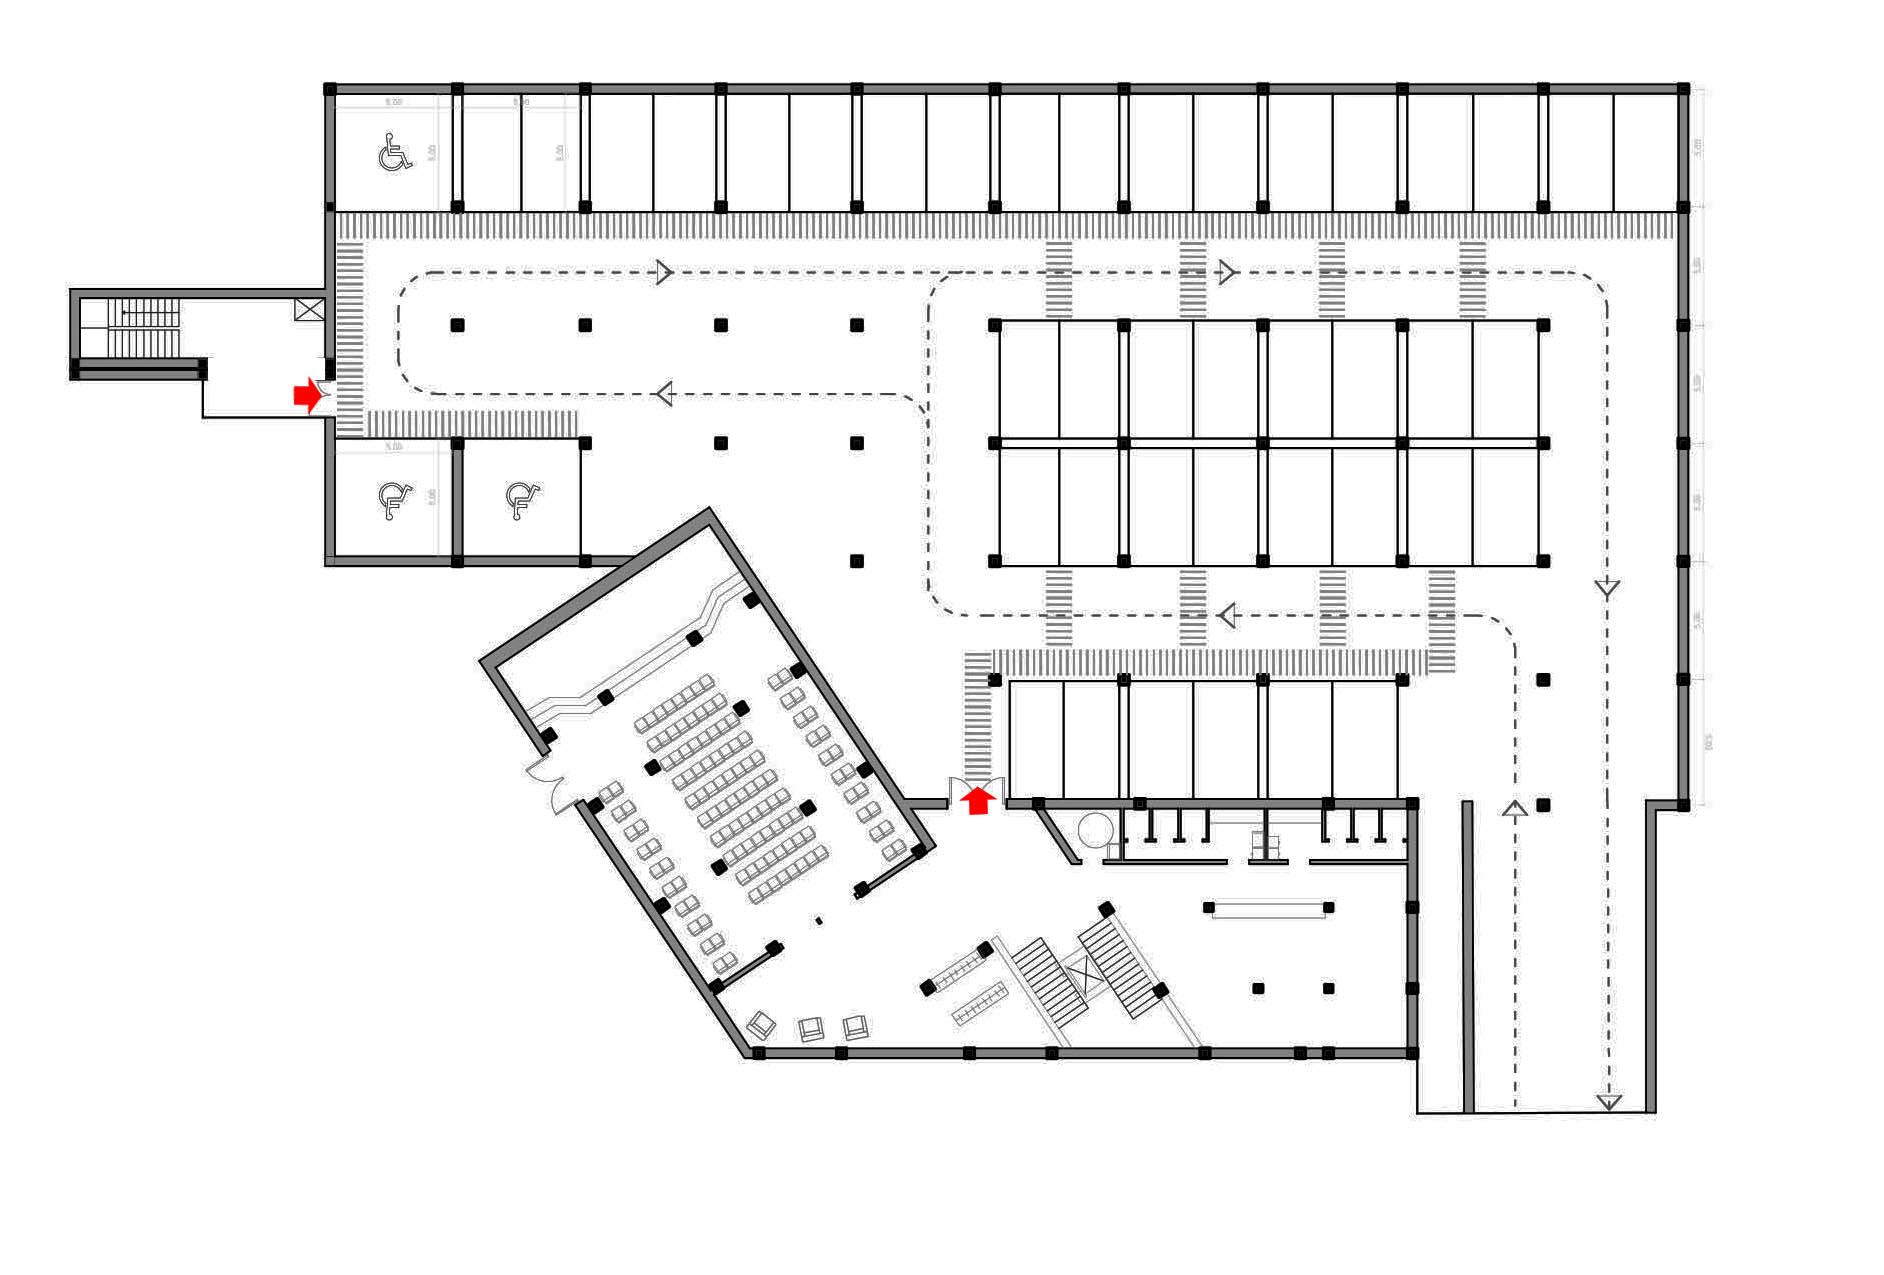 Progetto di chillocci de vita goutou laboratorio di - Parcheggio interrato ...